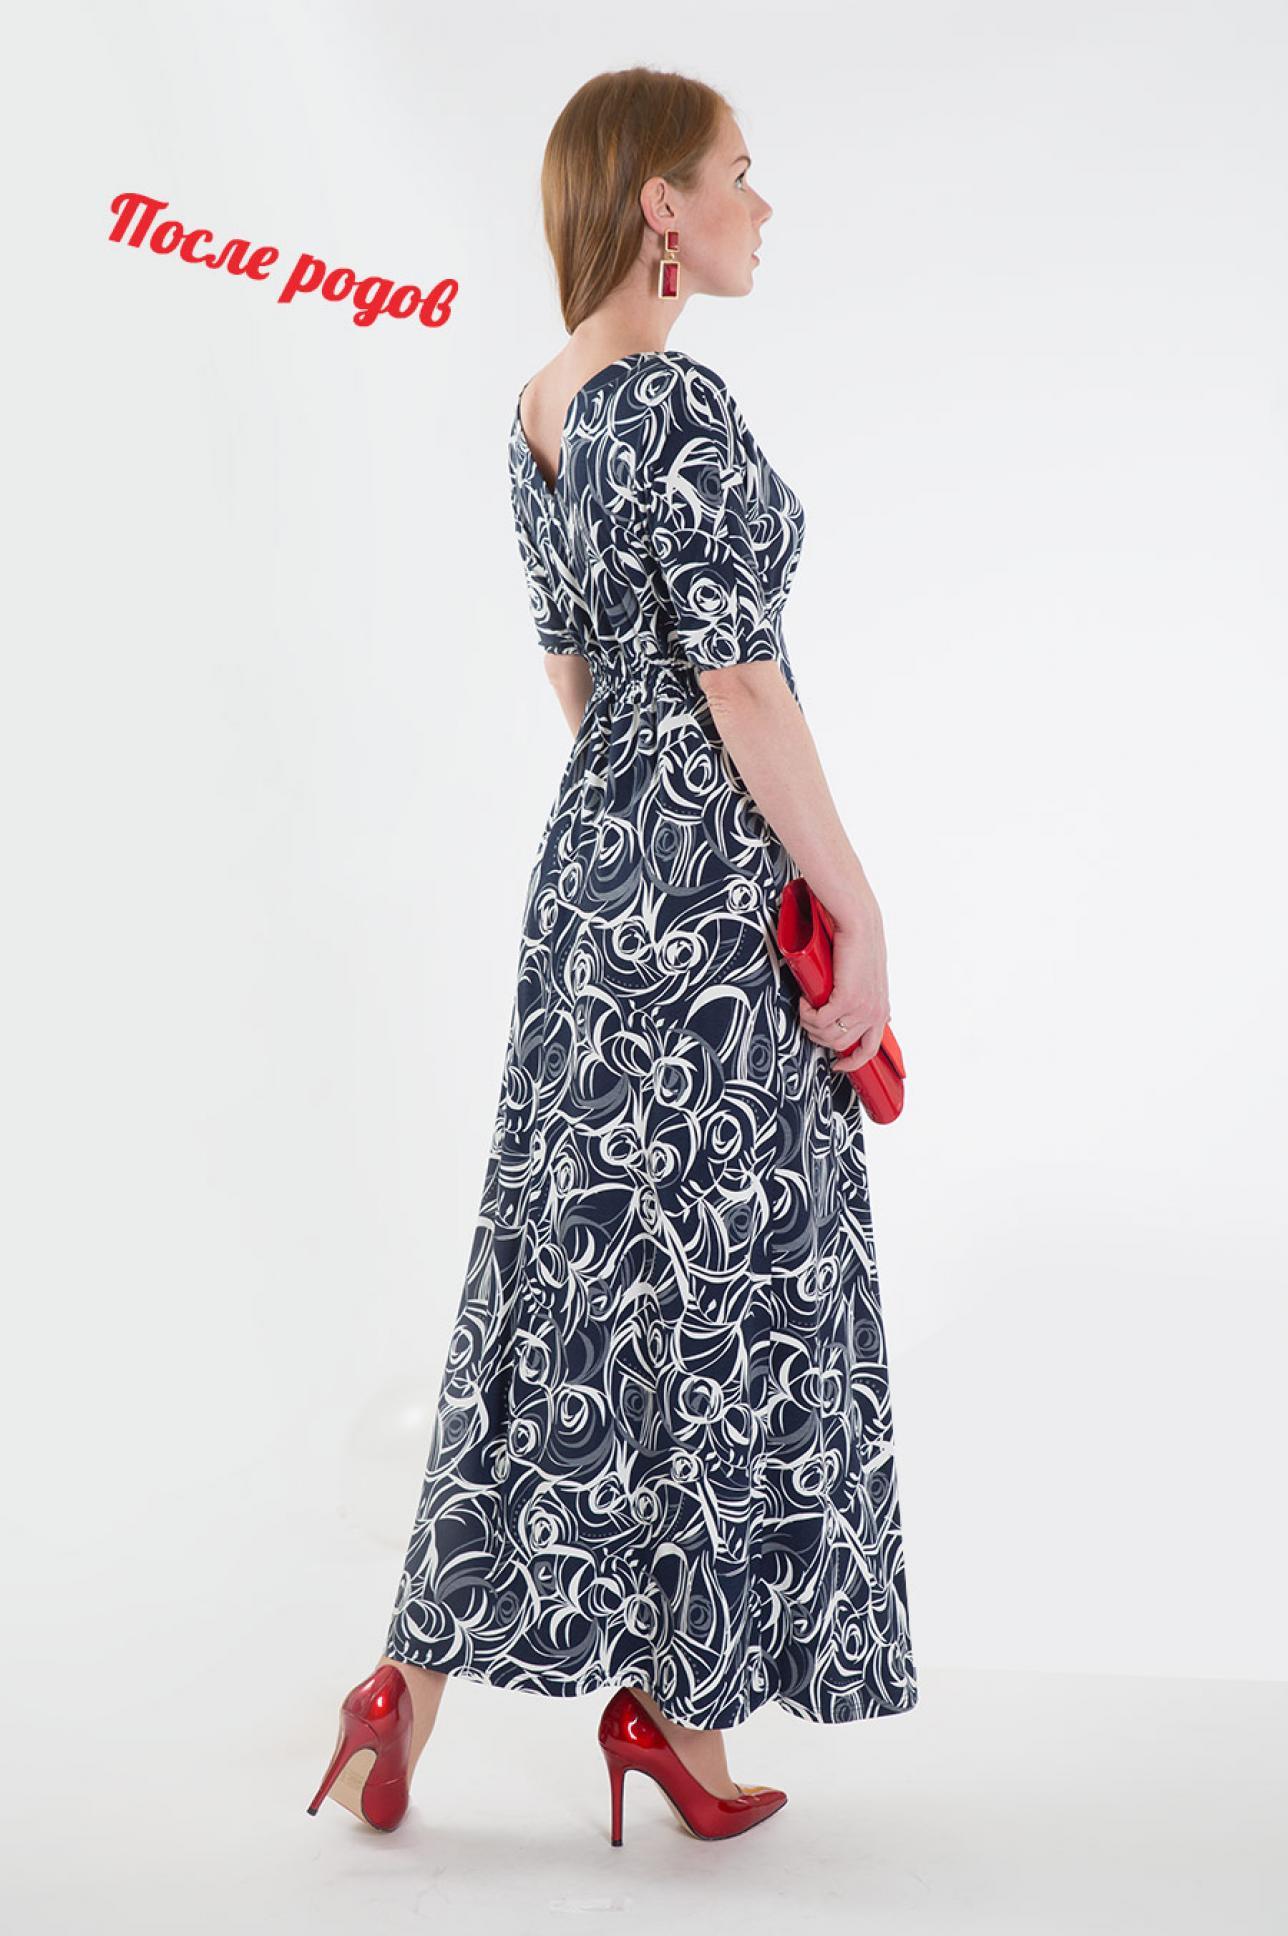 Платья для беременных Ярославль по цене 2580.00 руб., купить в ... a75d72dc4ee